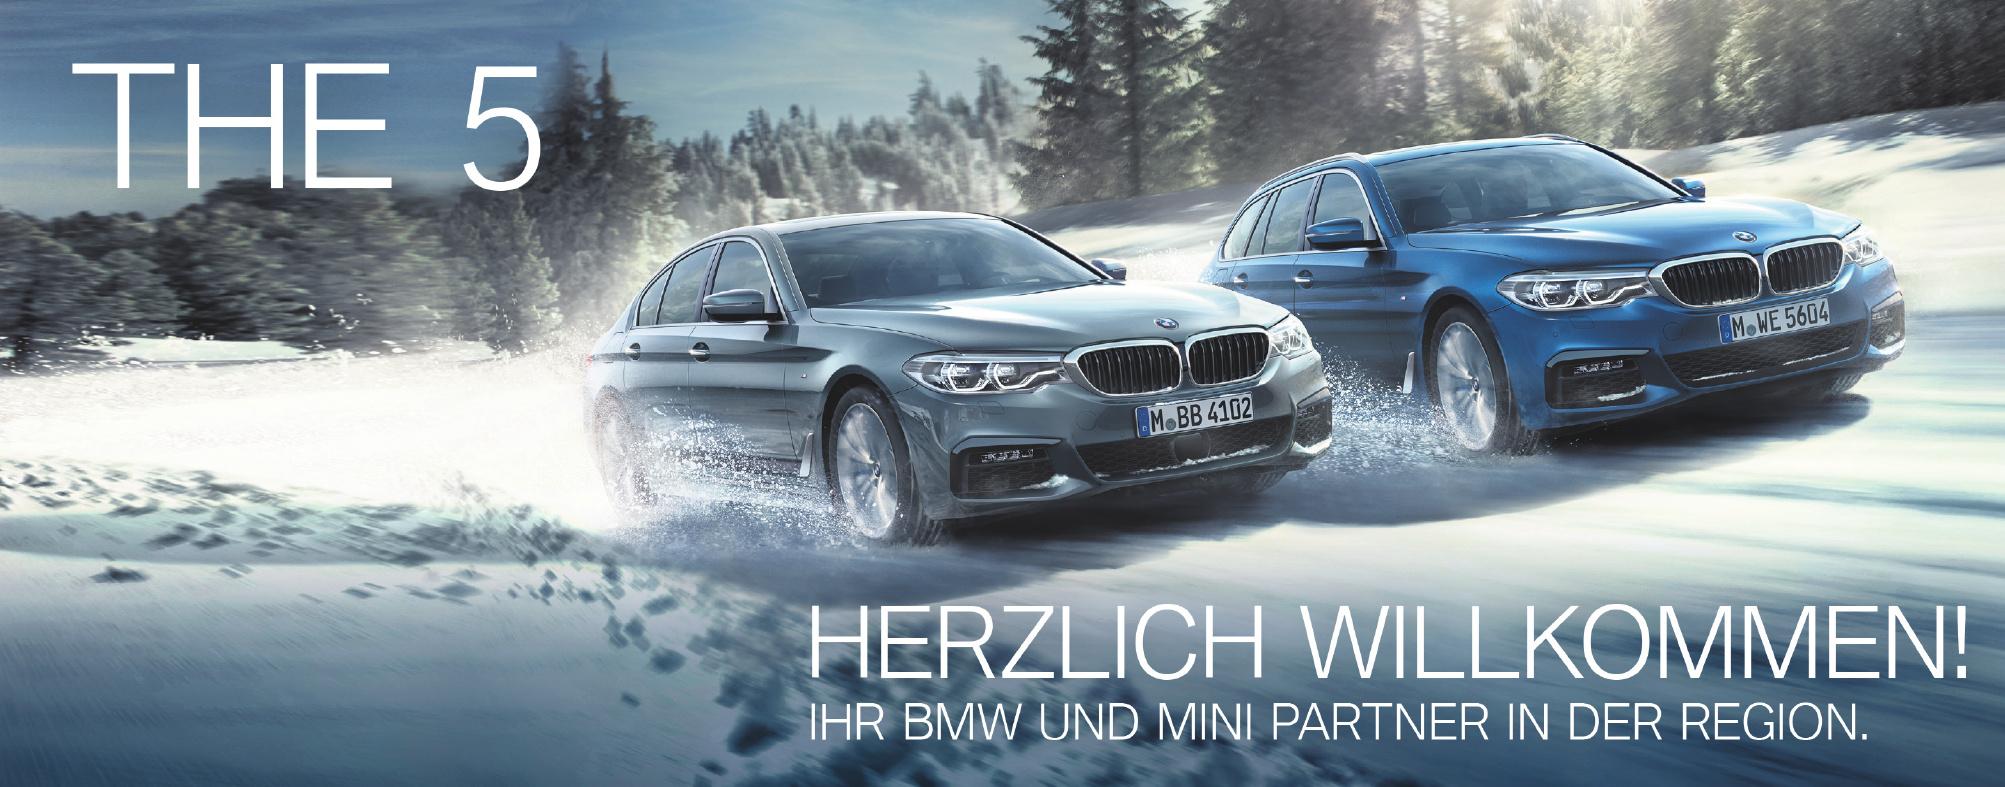 The 5 Ihr BMW und Mini Partner in der Region